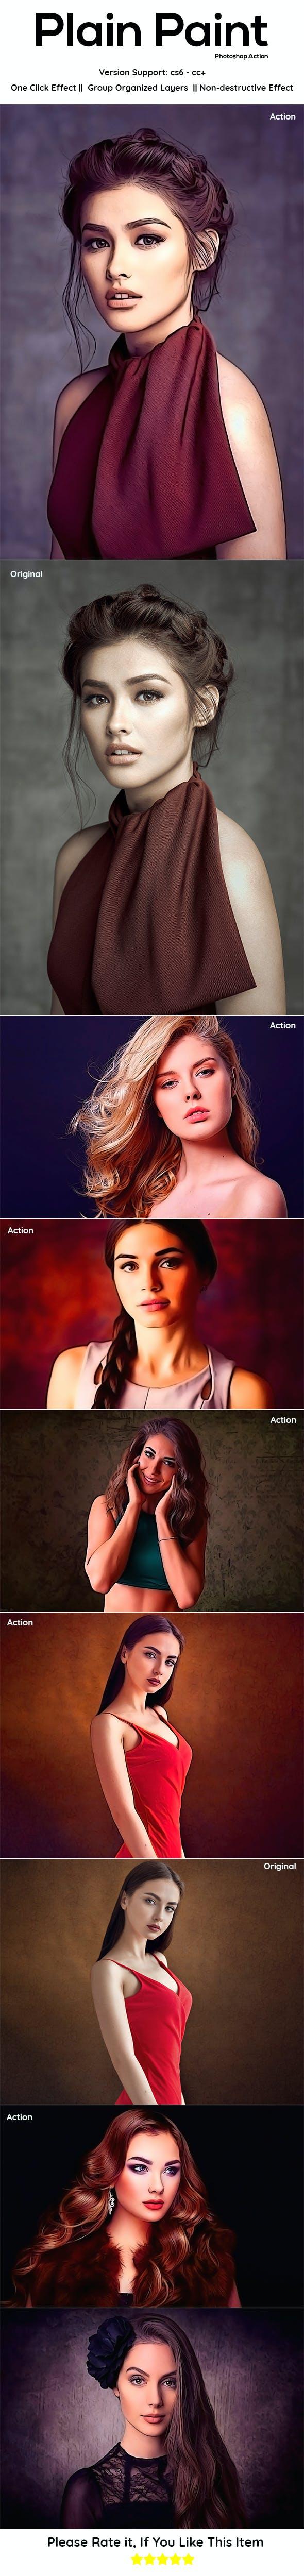 Plain Paint Photoshop Action - Photo Effects Actions